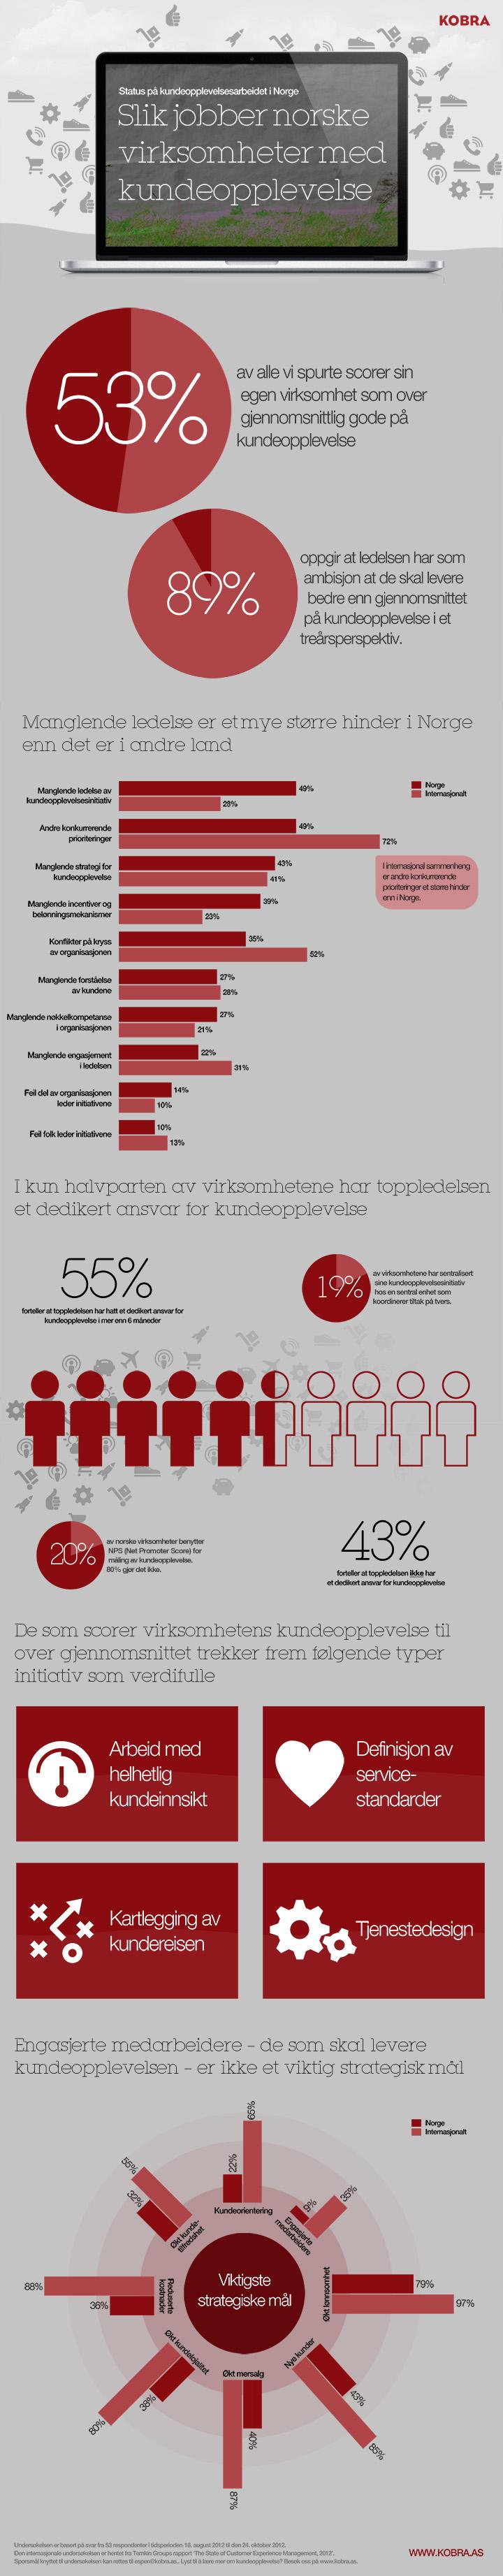 KOBRA-infographic-status-pa-arbeidet-med-kundeopplevelse.jpg